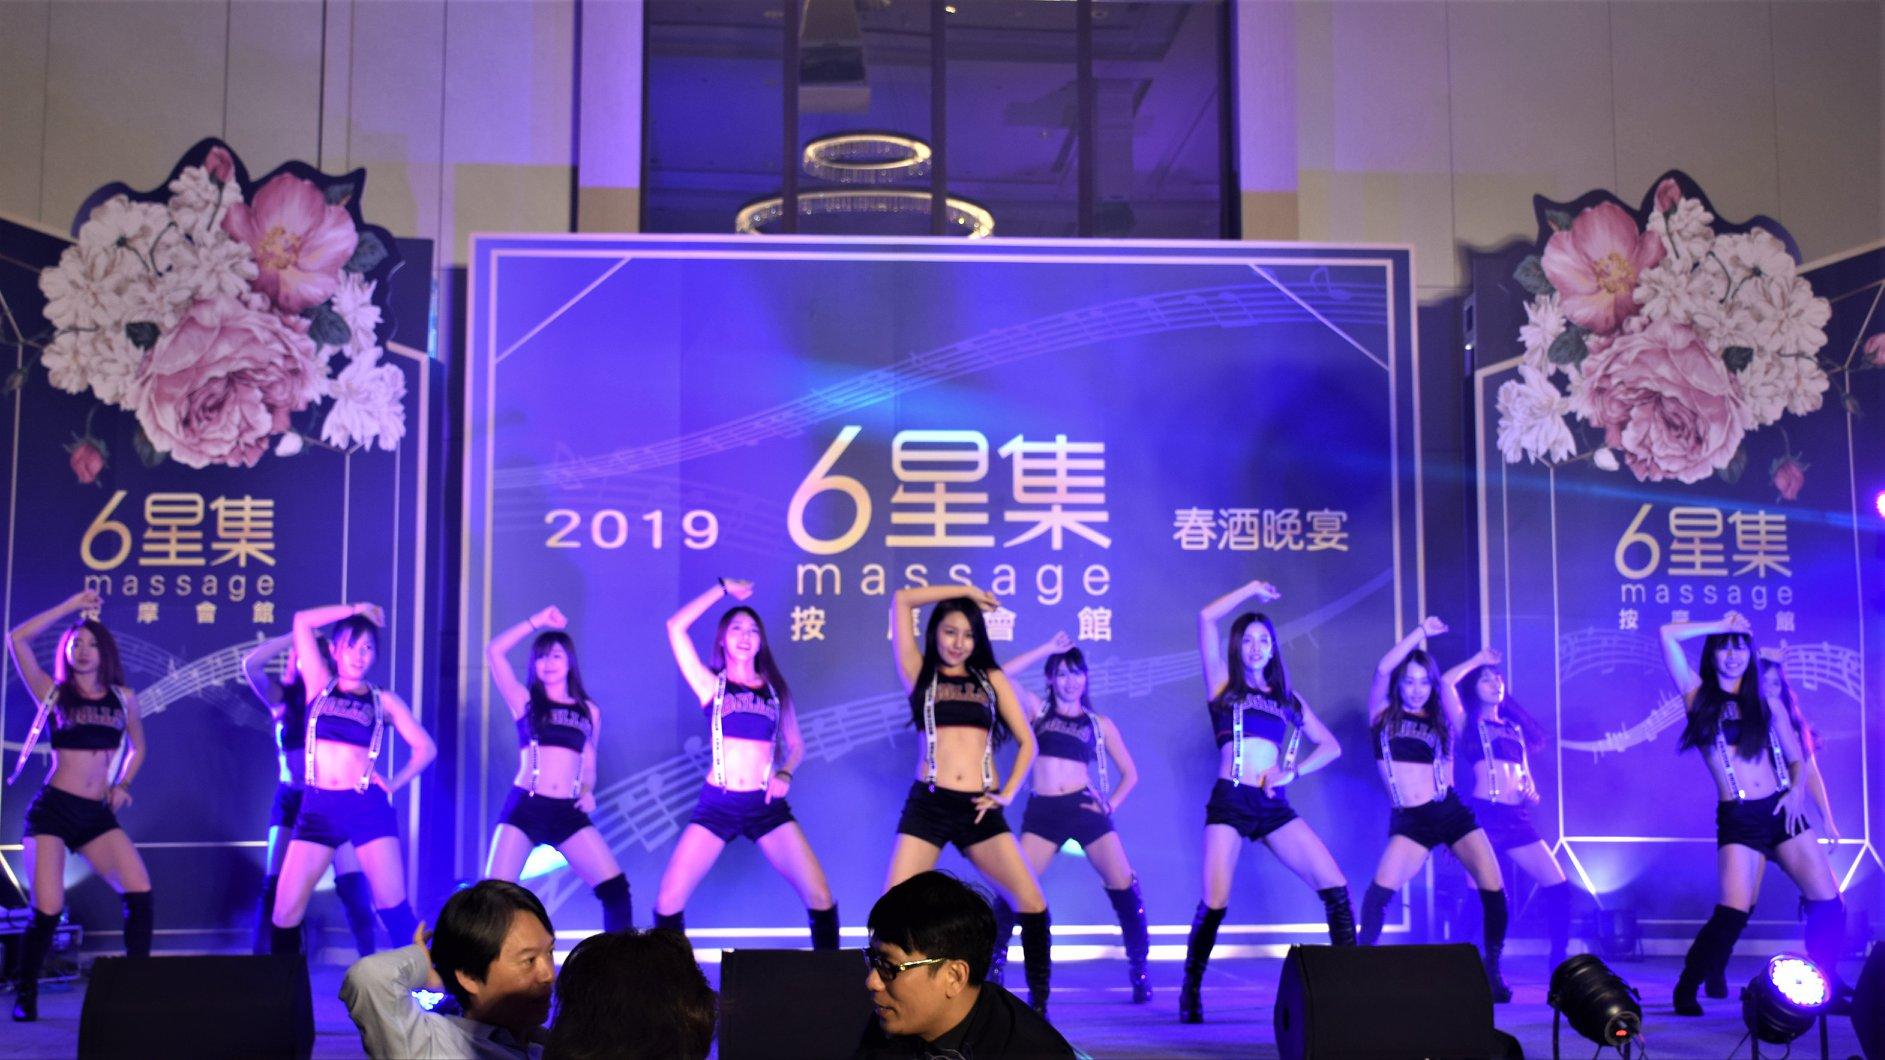 K-pop : 韓國流行舞蹈